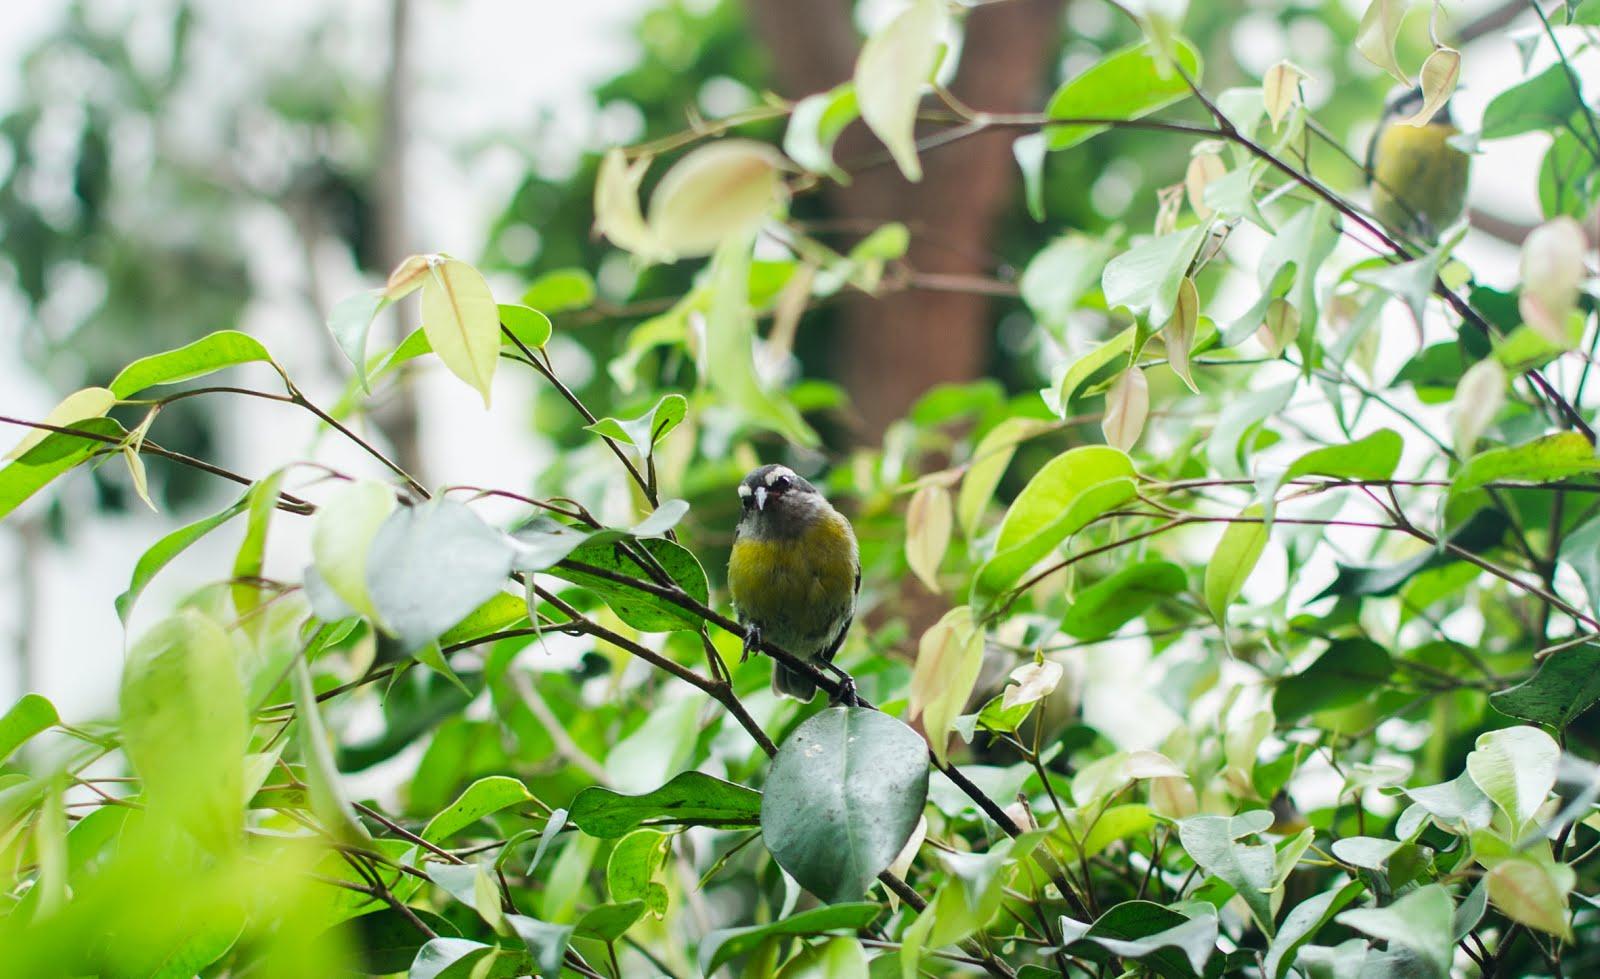 Aves mieleras del jardín